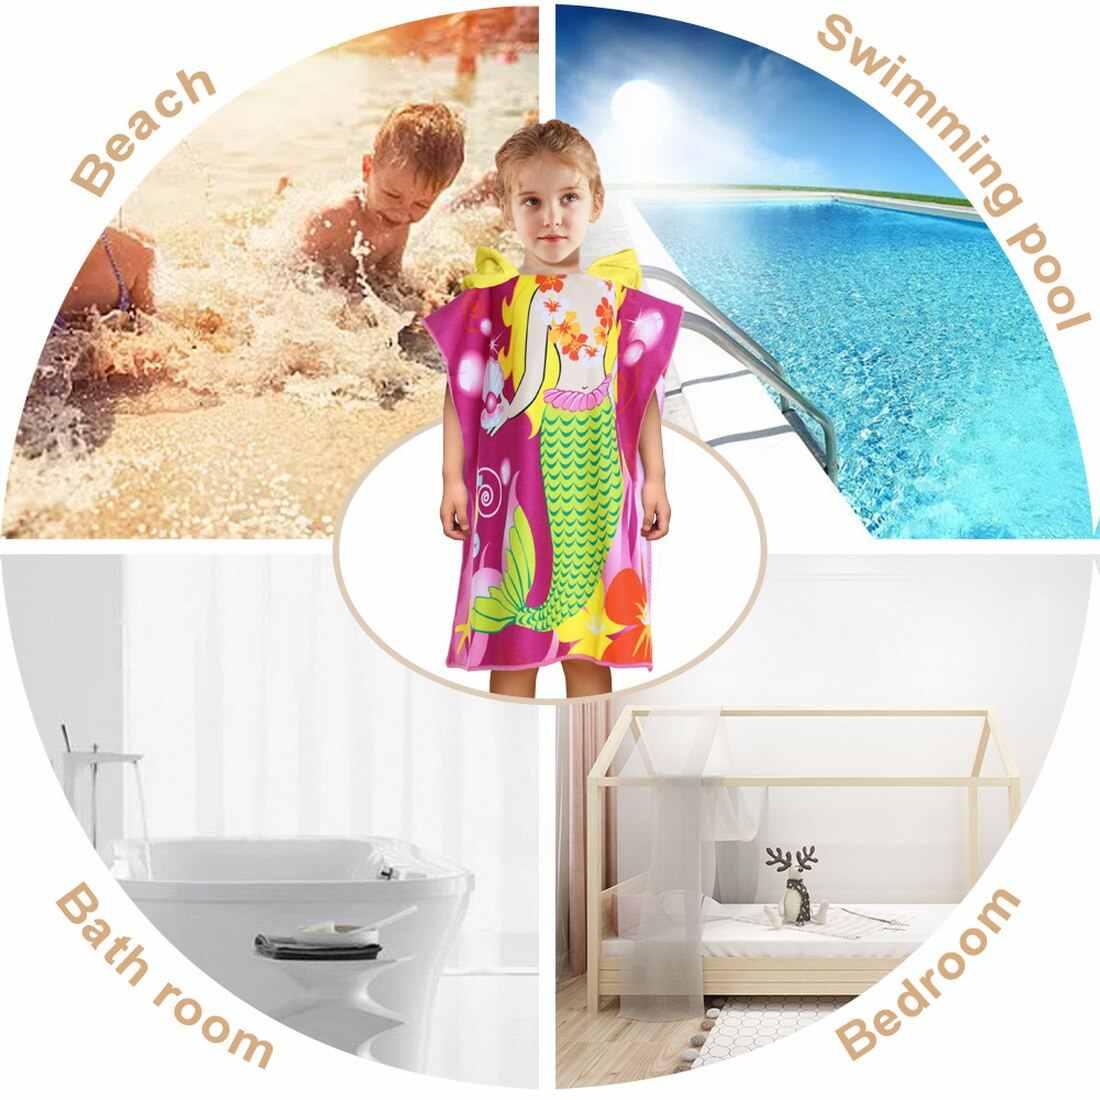 Toalla de baño con capucha para bebés Poncho niños Albornoz toallas de baño bata de baño absorbente de microfibra de viaje Toalla de playa deportiva